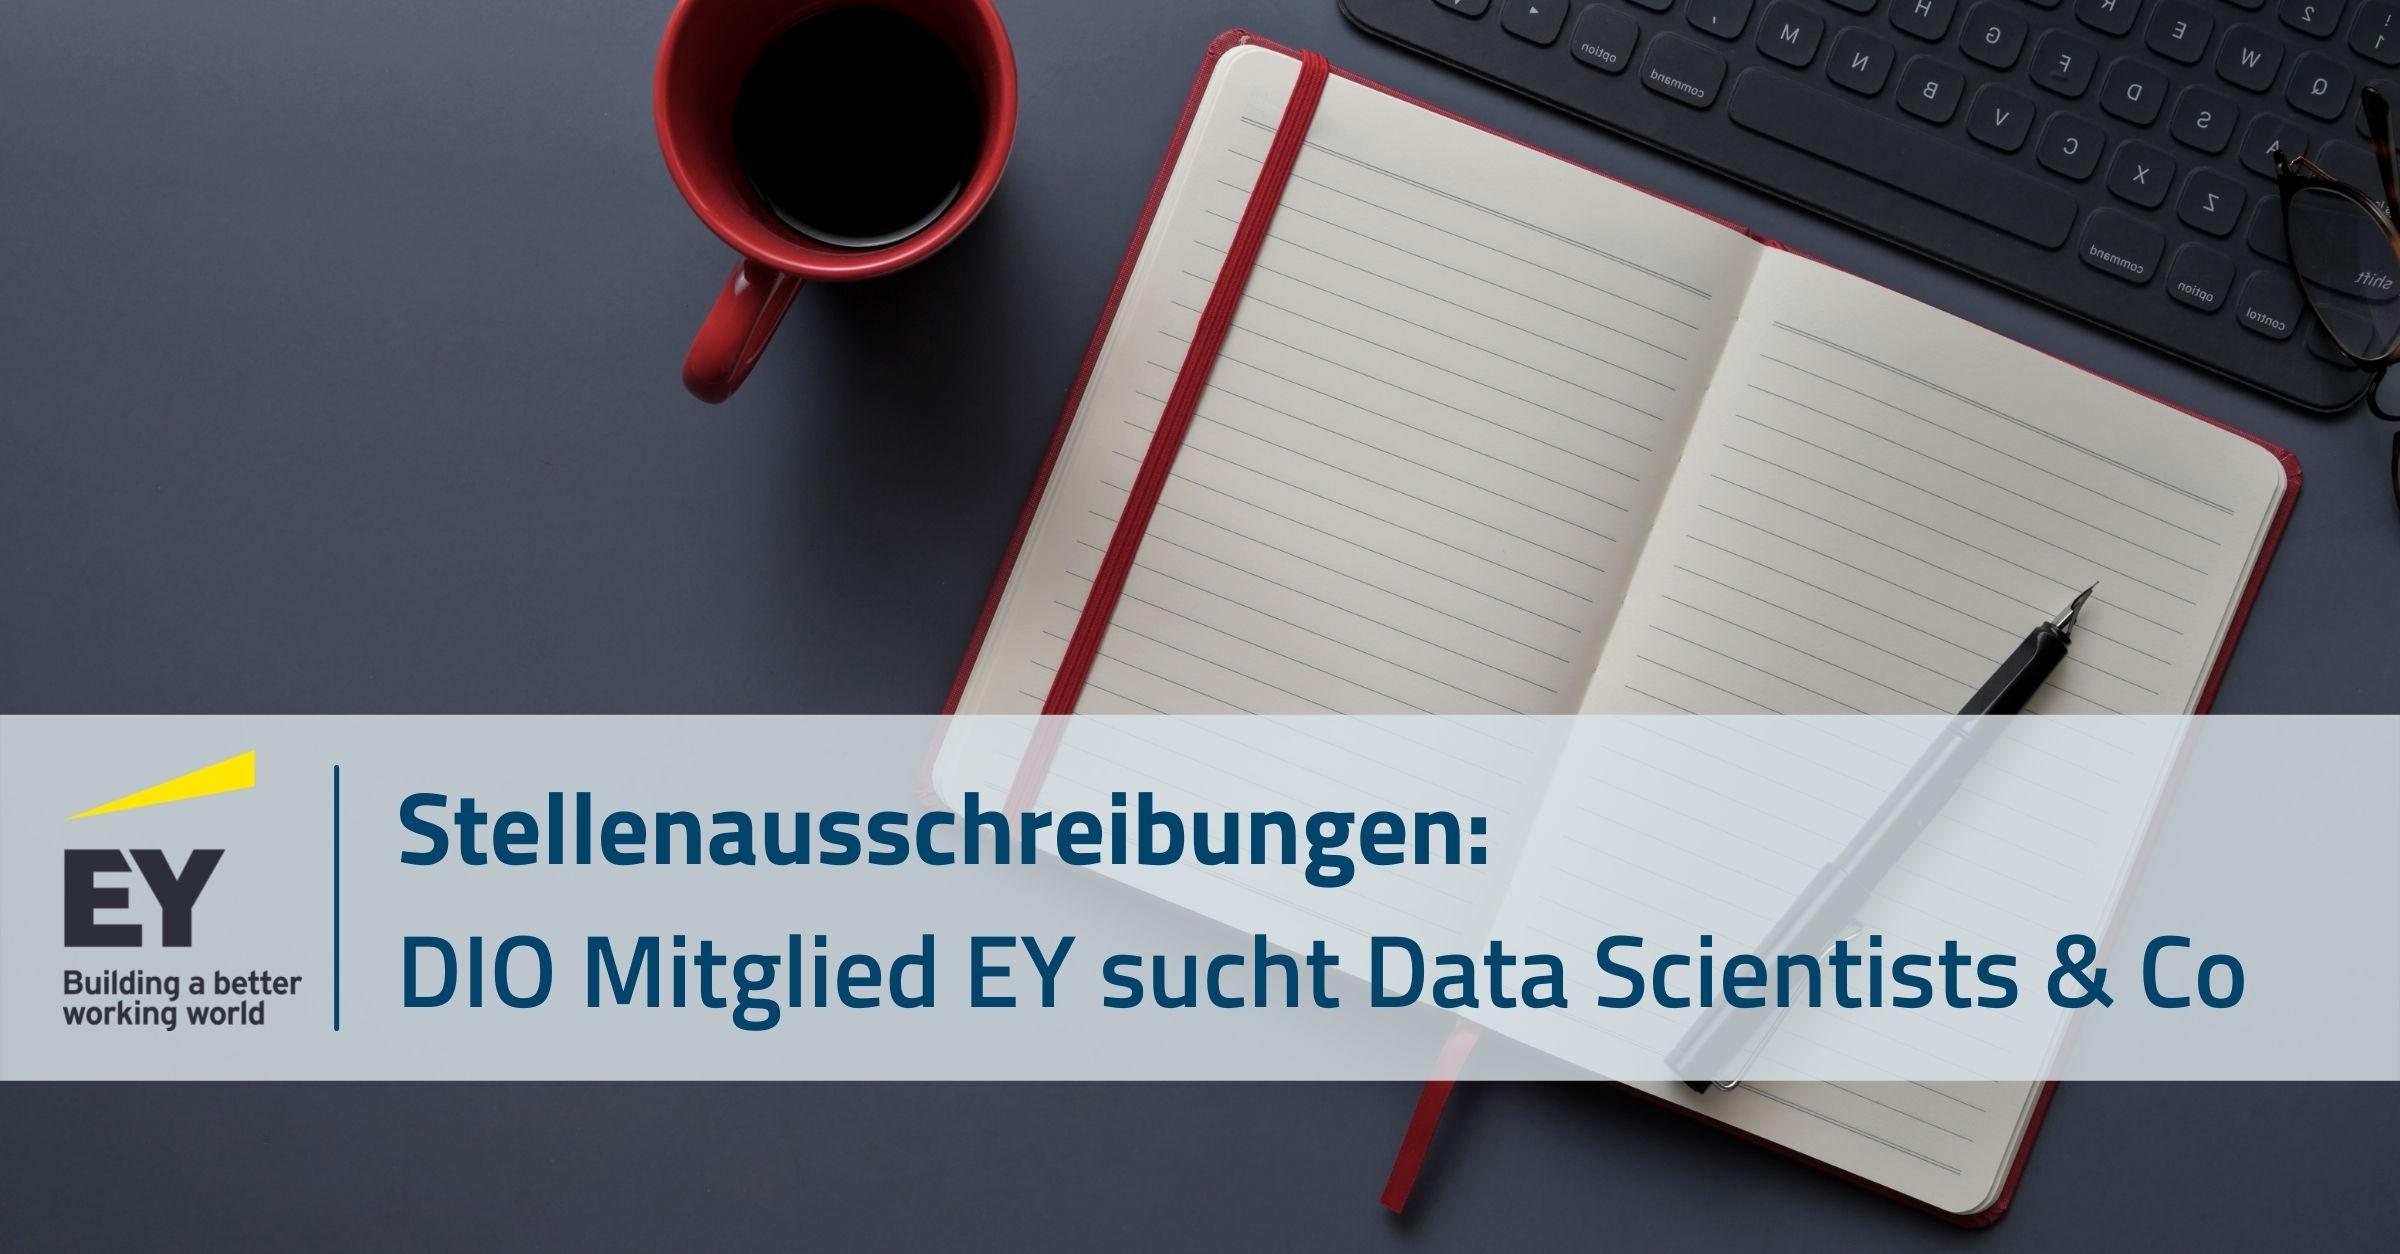 Stellenausschreibungen: DIO Mitglied EY sucht Data Scientists & Co